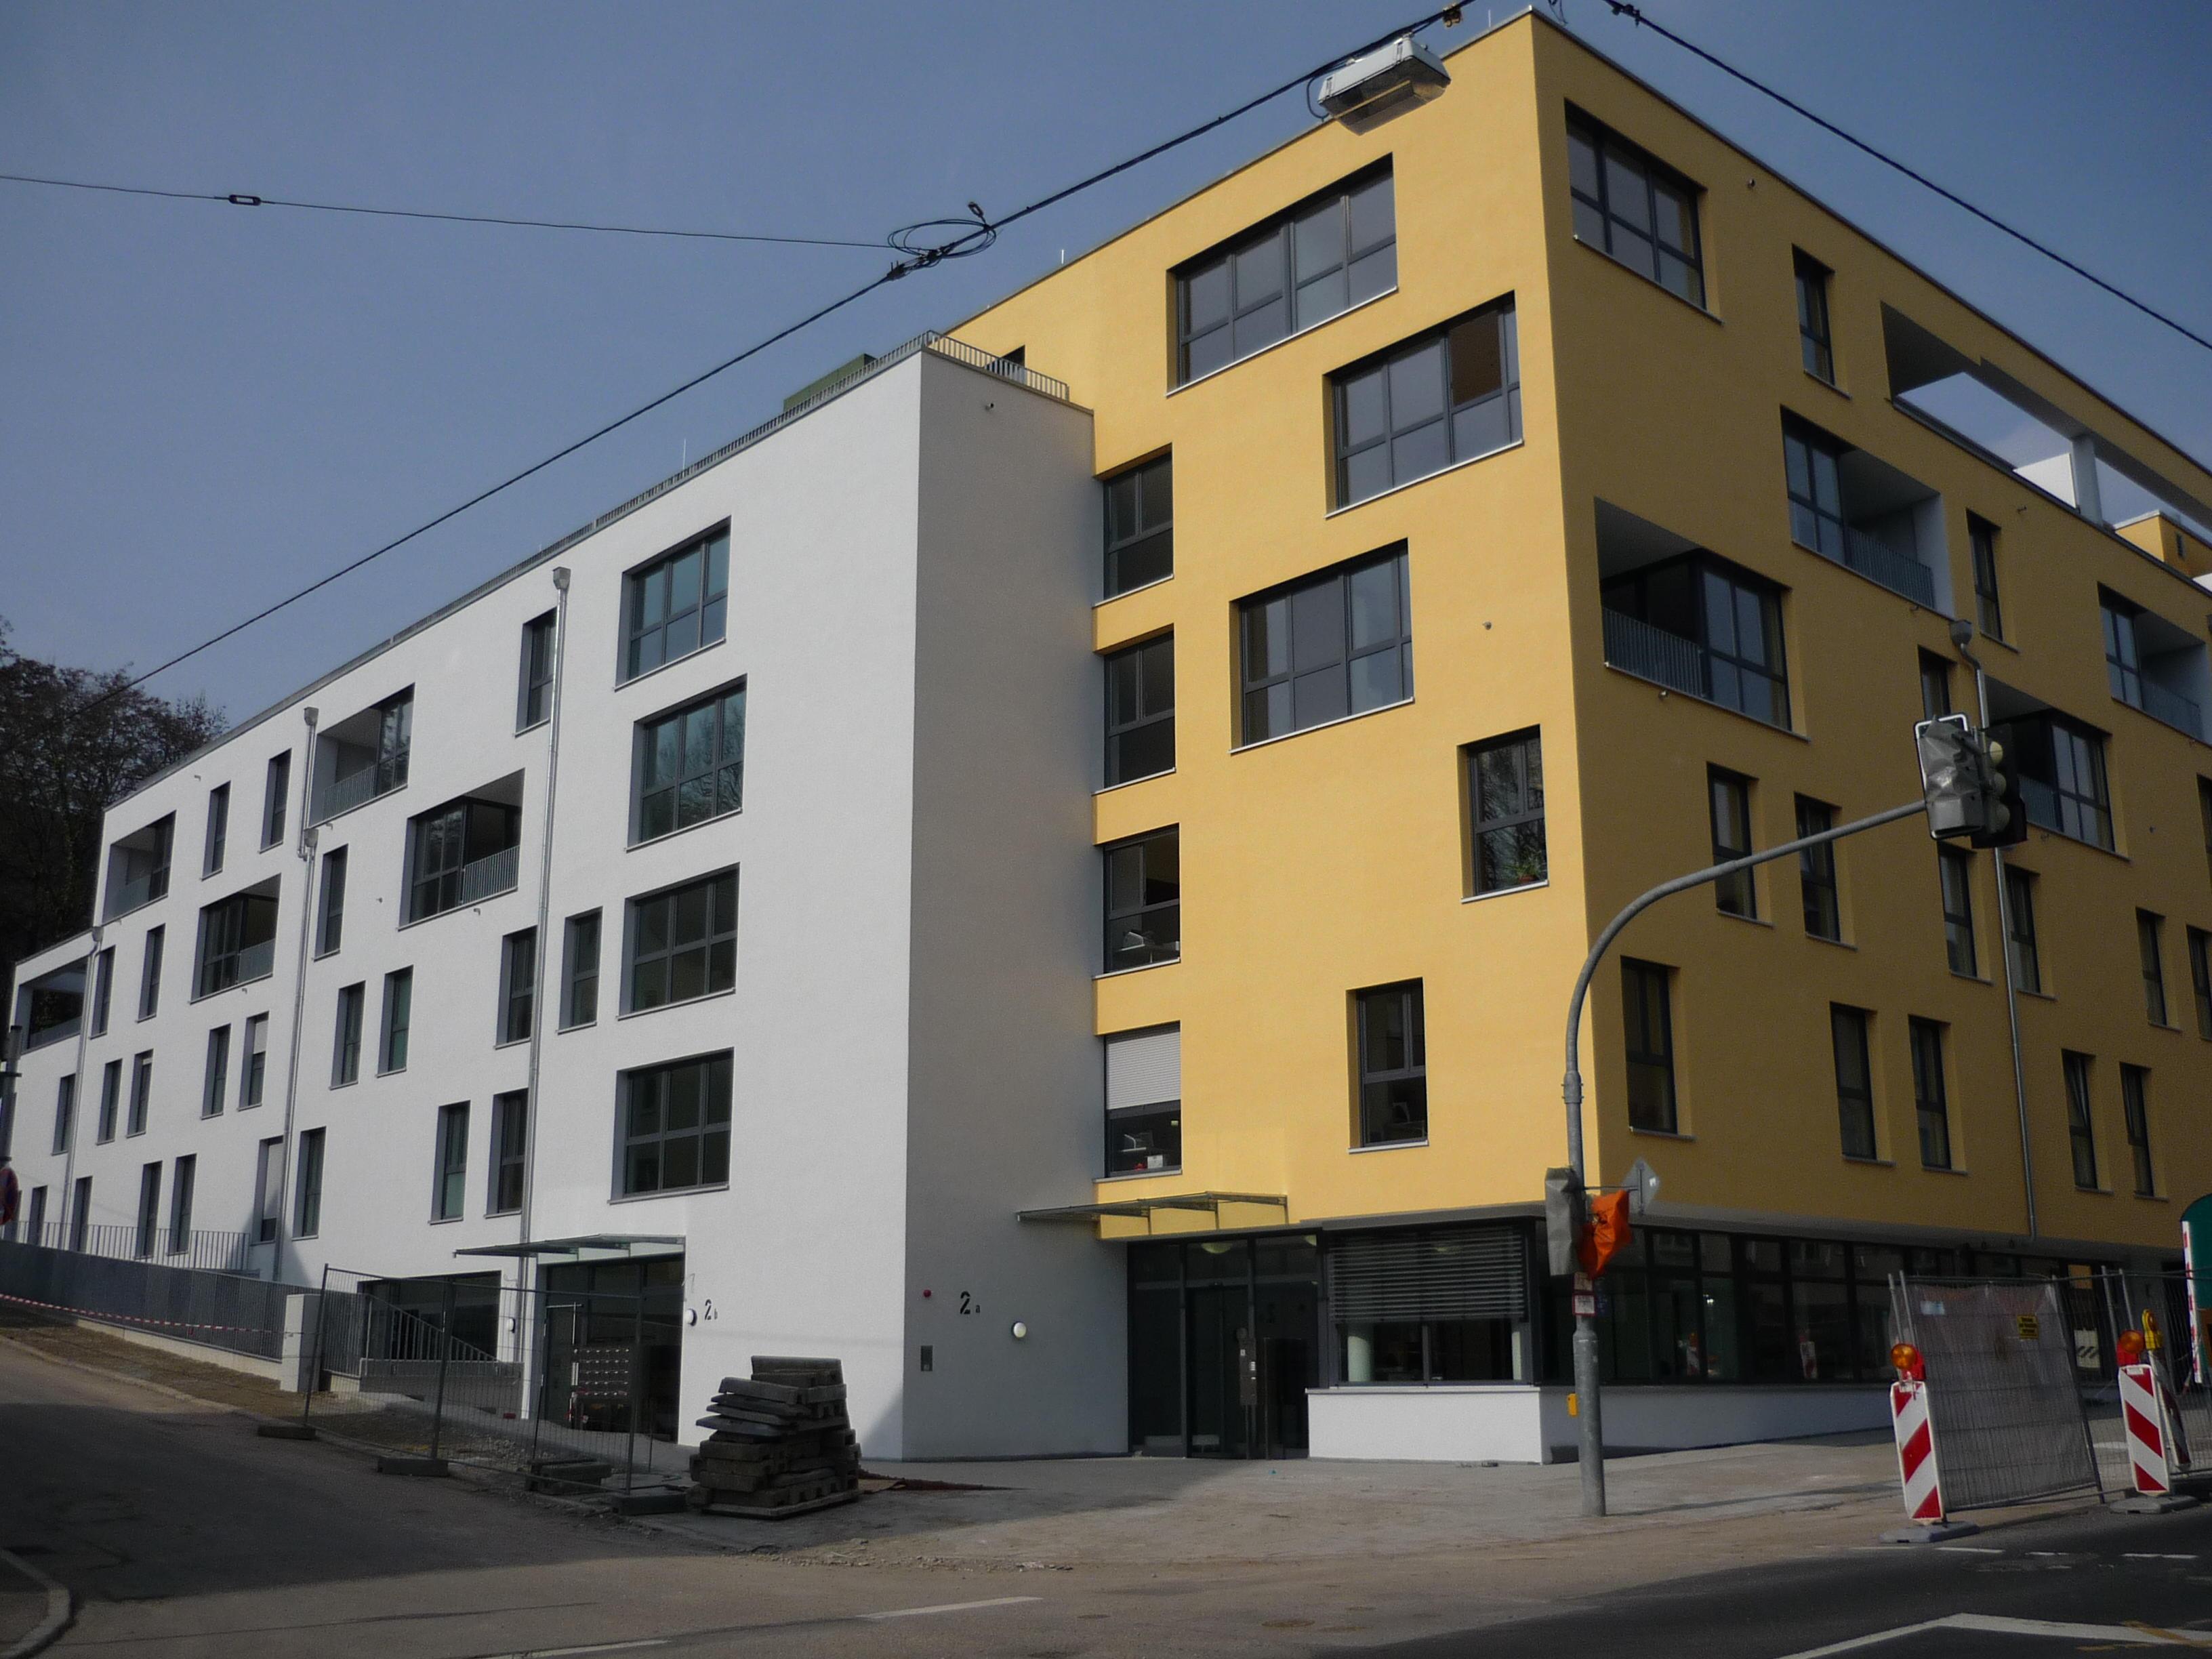 Haus Hasenberg